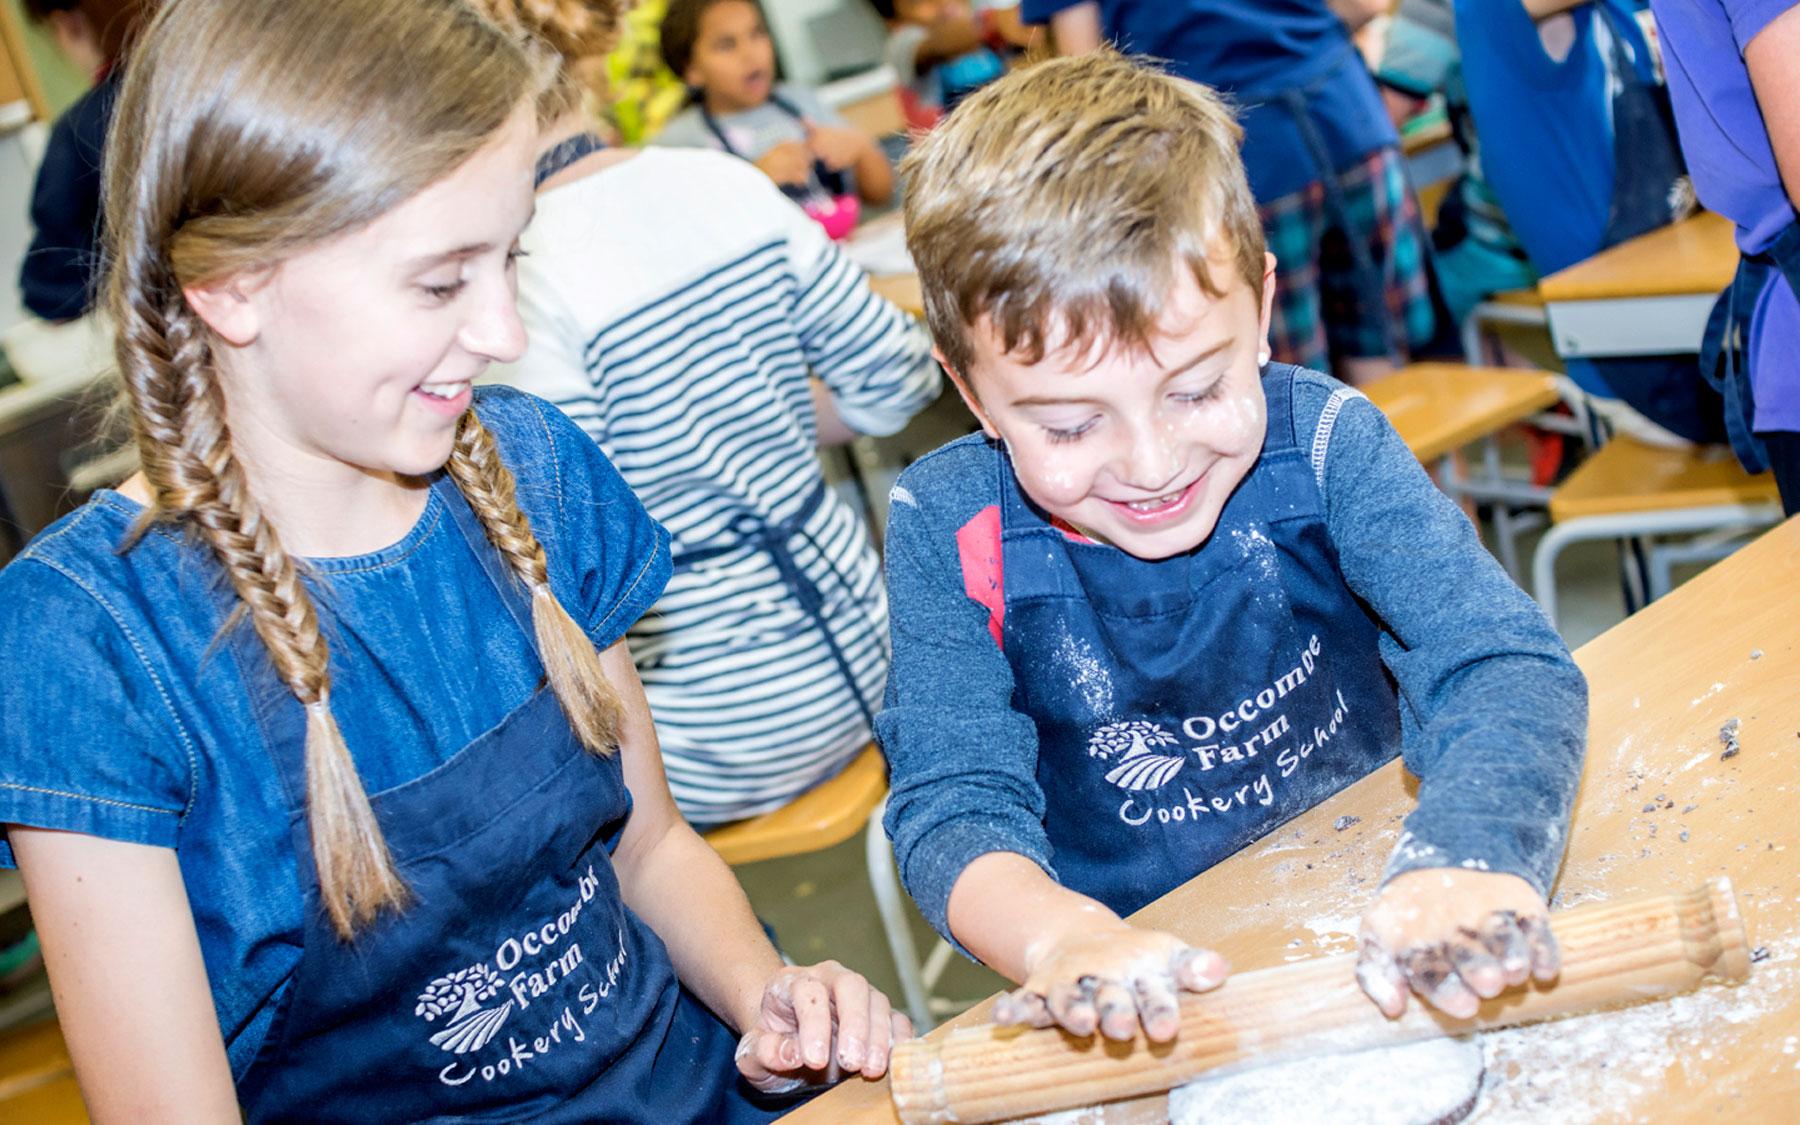 Occombe Cookery School